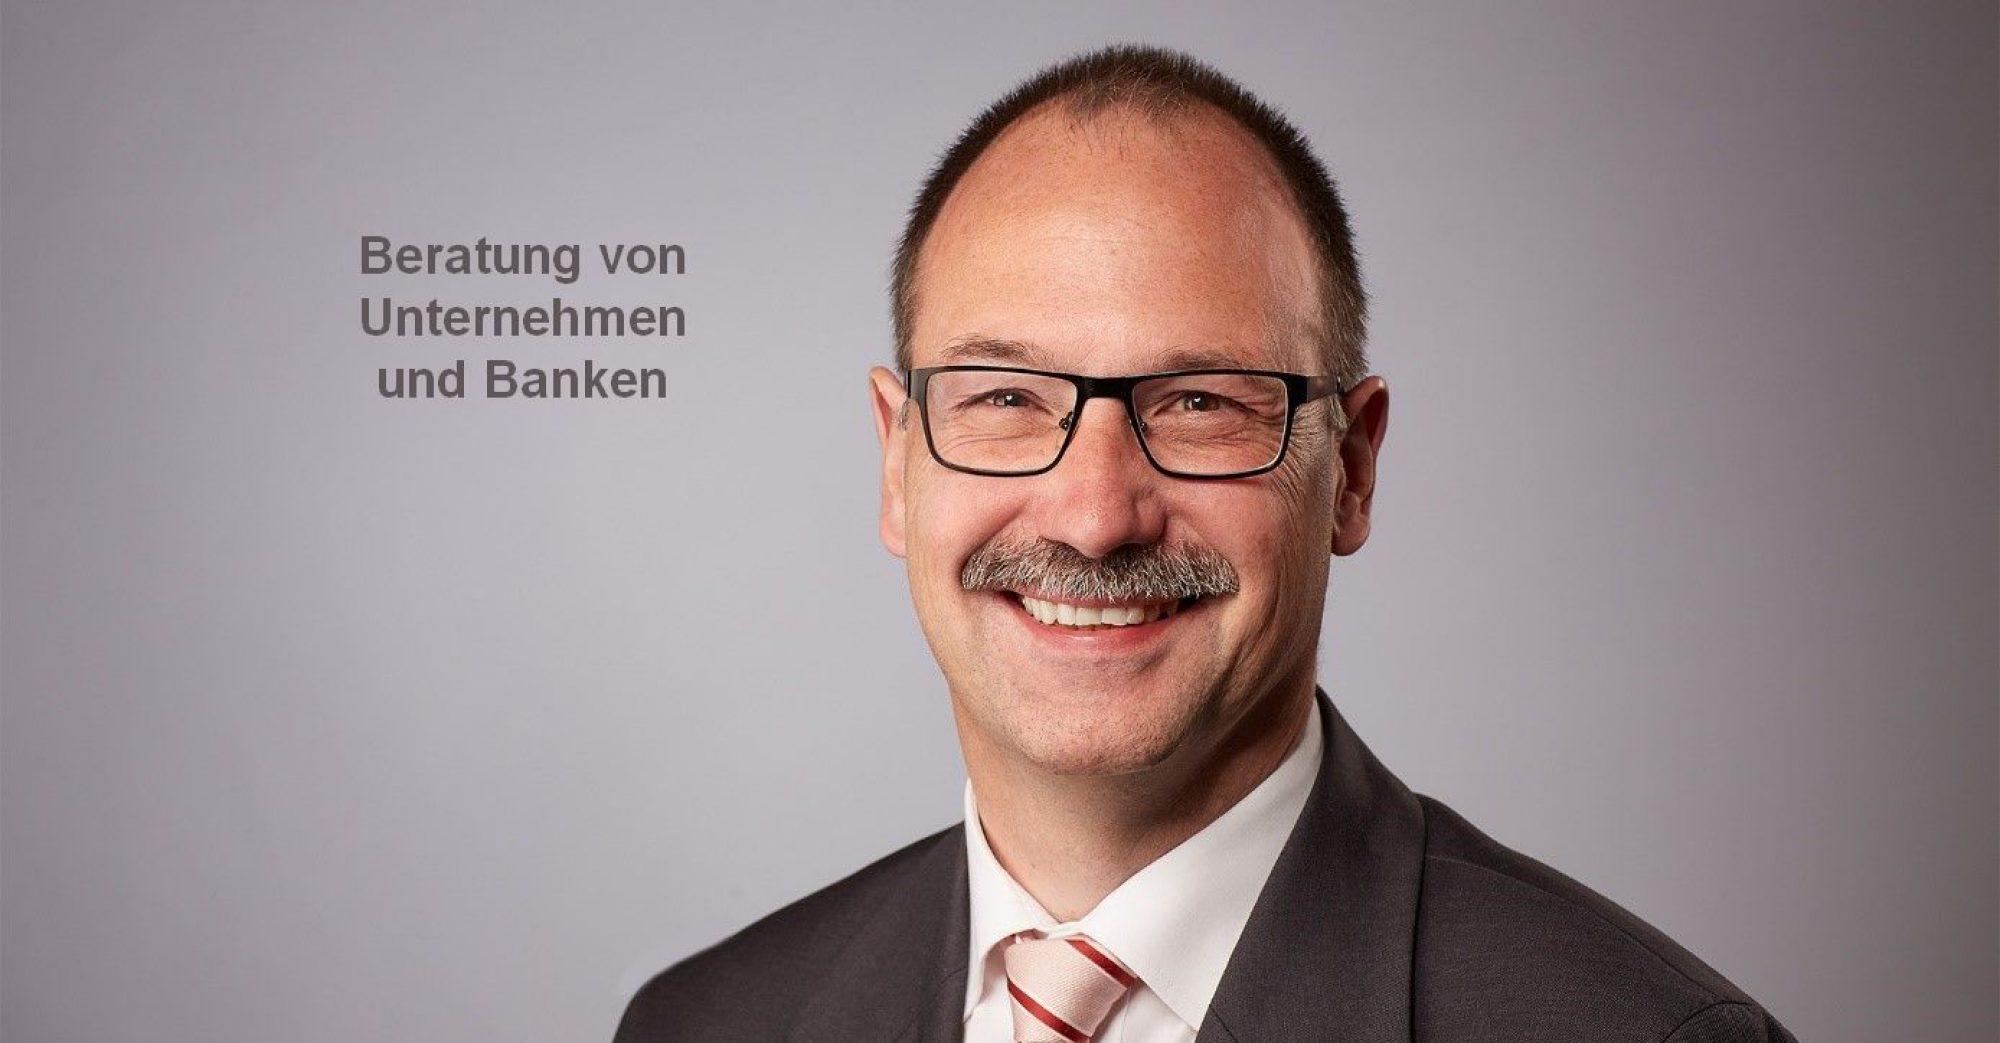 Beratung von Unternehmen und Banken